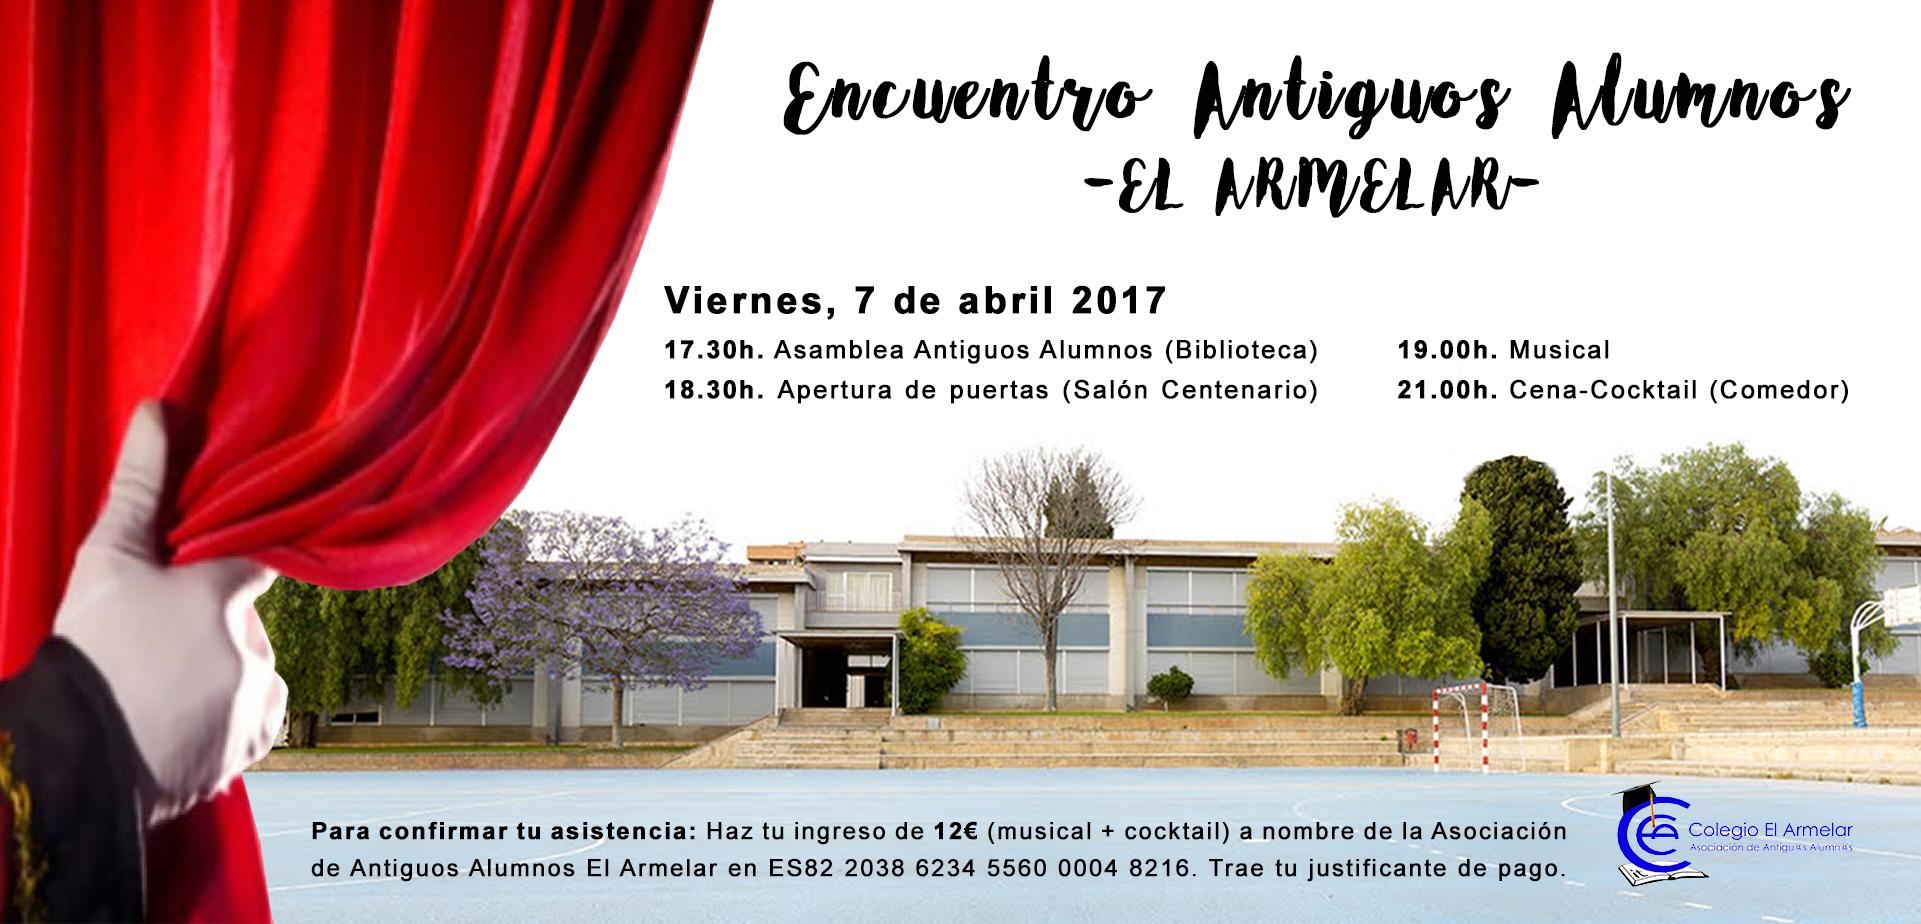 Encuentro AA de El Armelar